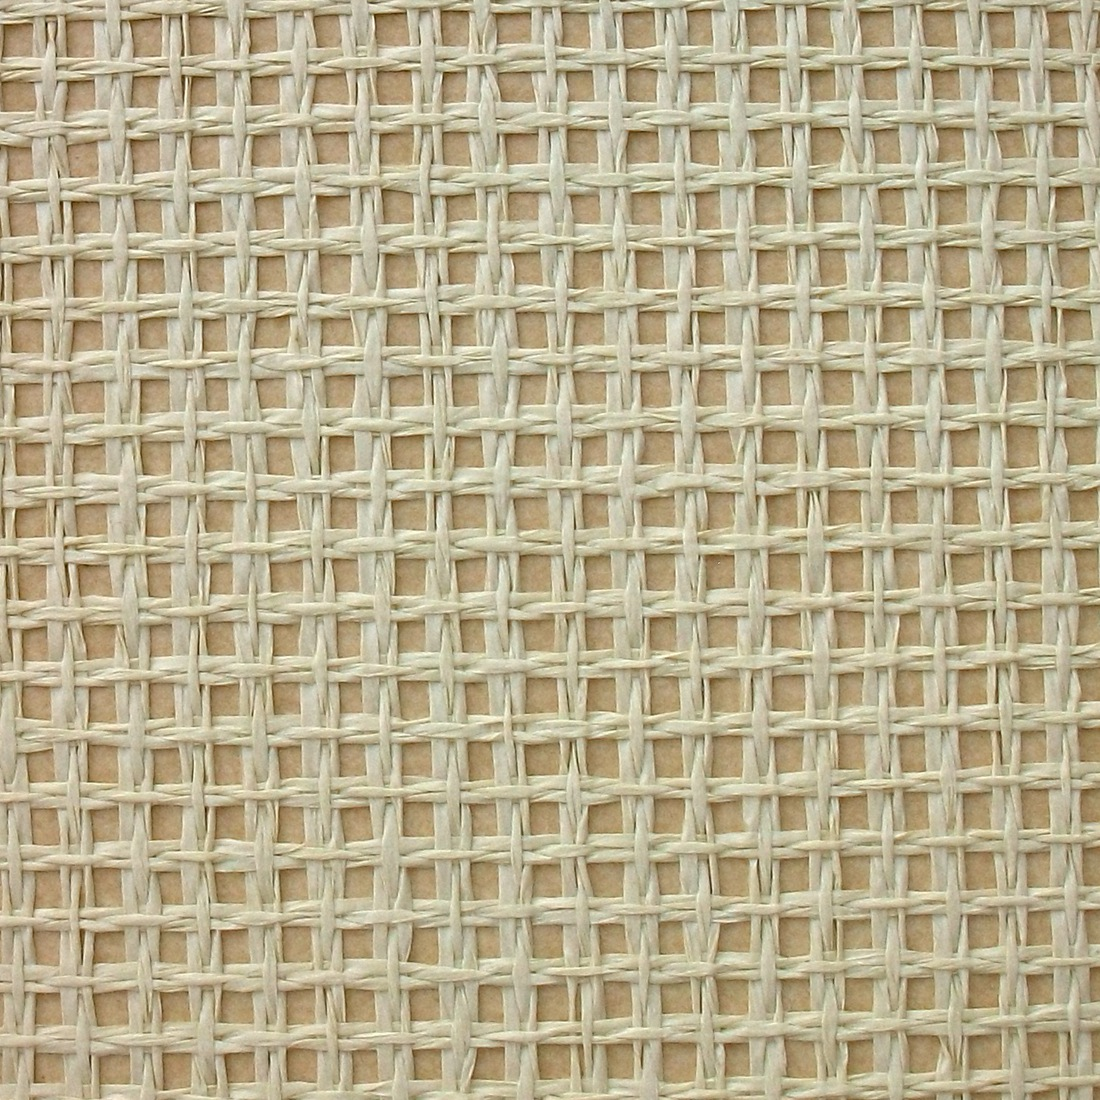 实拍酒店茶楼和室榻榻米背景满铺壁纸草编墙纸大网格镂空交叉编织